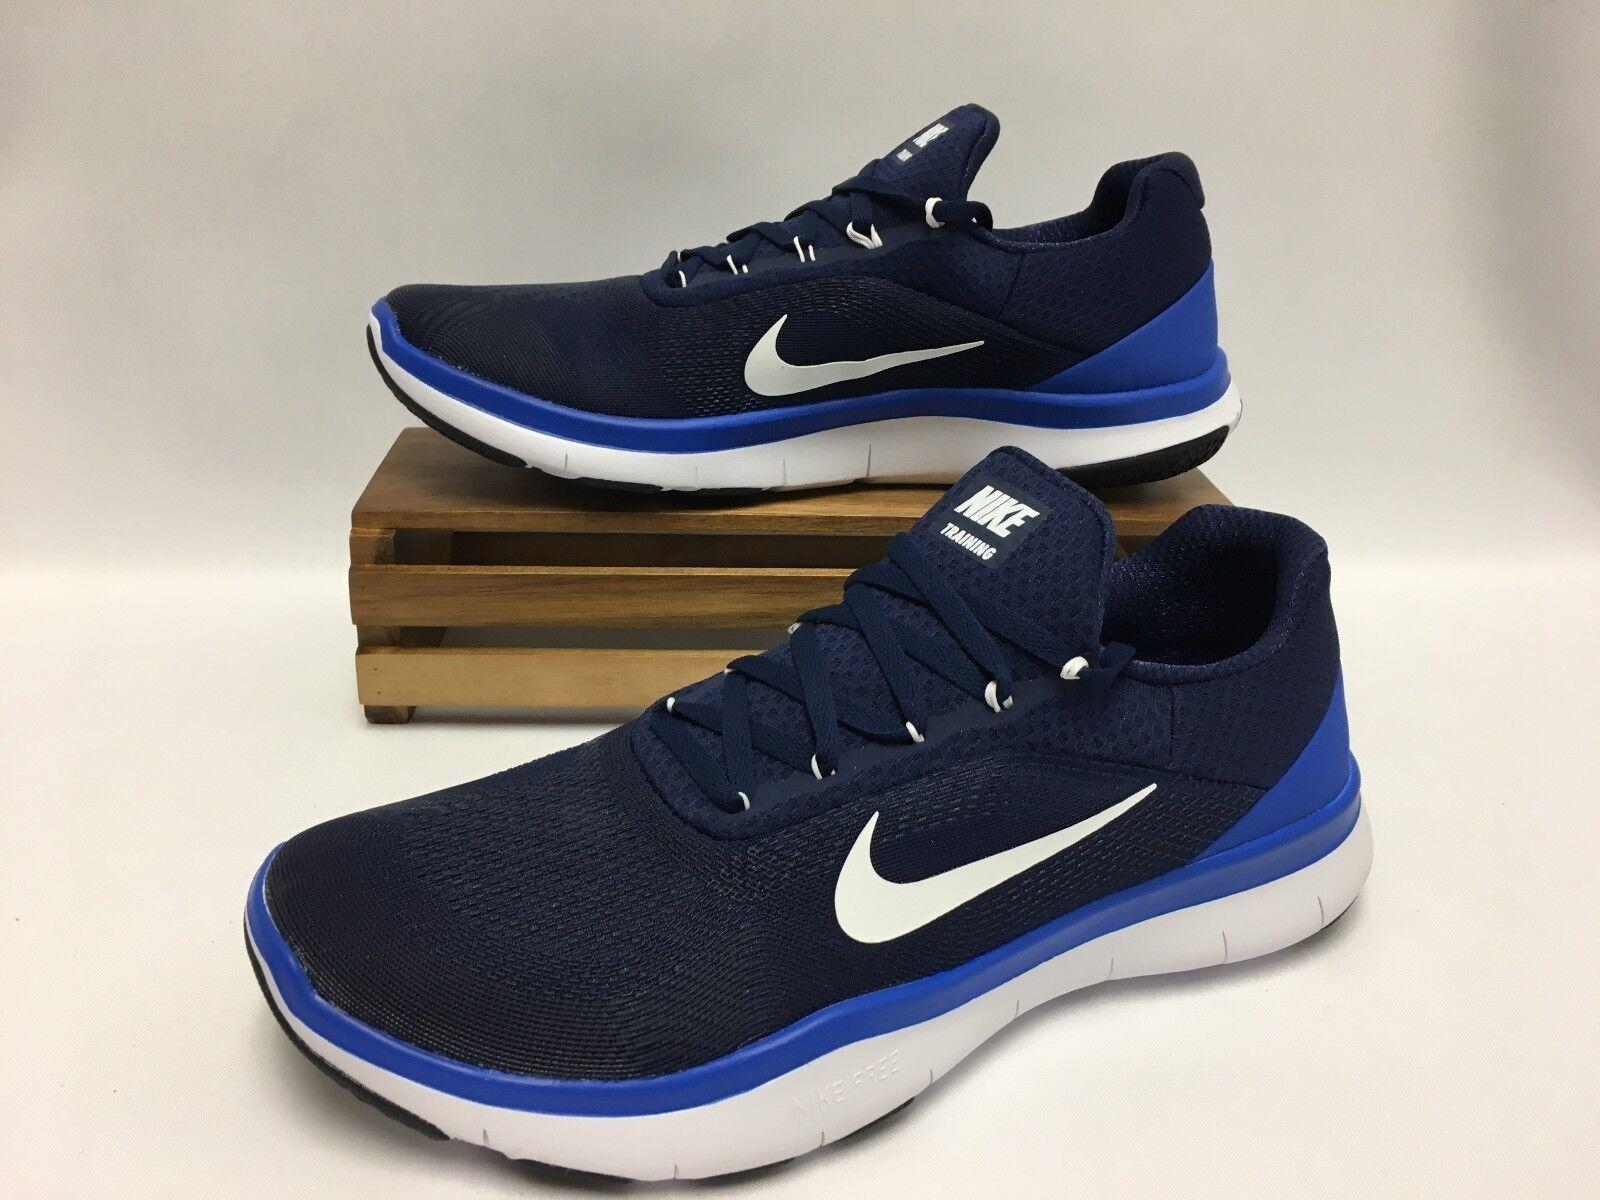 67299b4f800b Nike Free Trainer V7 Training Shoes Navy Navy Navy Blue White 898053-400  Men s NEW